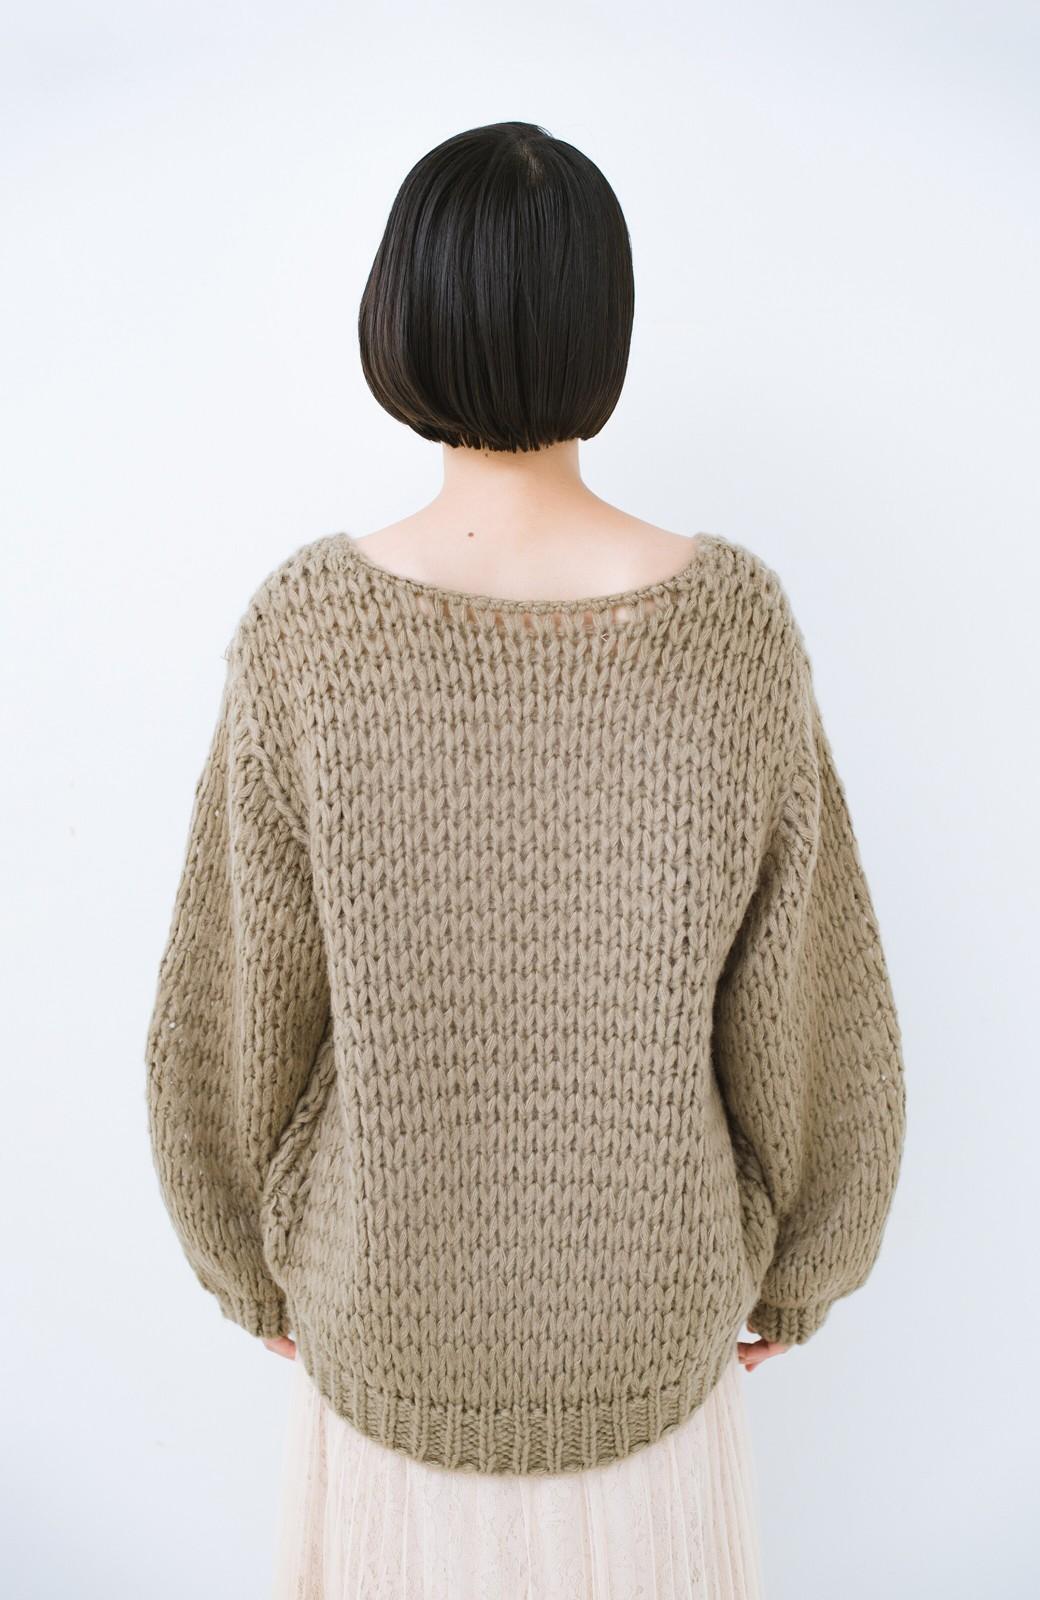 haco! 手編み風のざっくり感で女っぽい Vネックの甘編みルーズニット <グレイッシュベージュ>の商品写真13